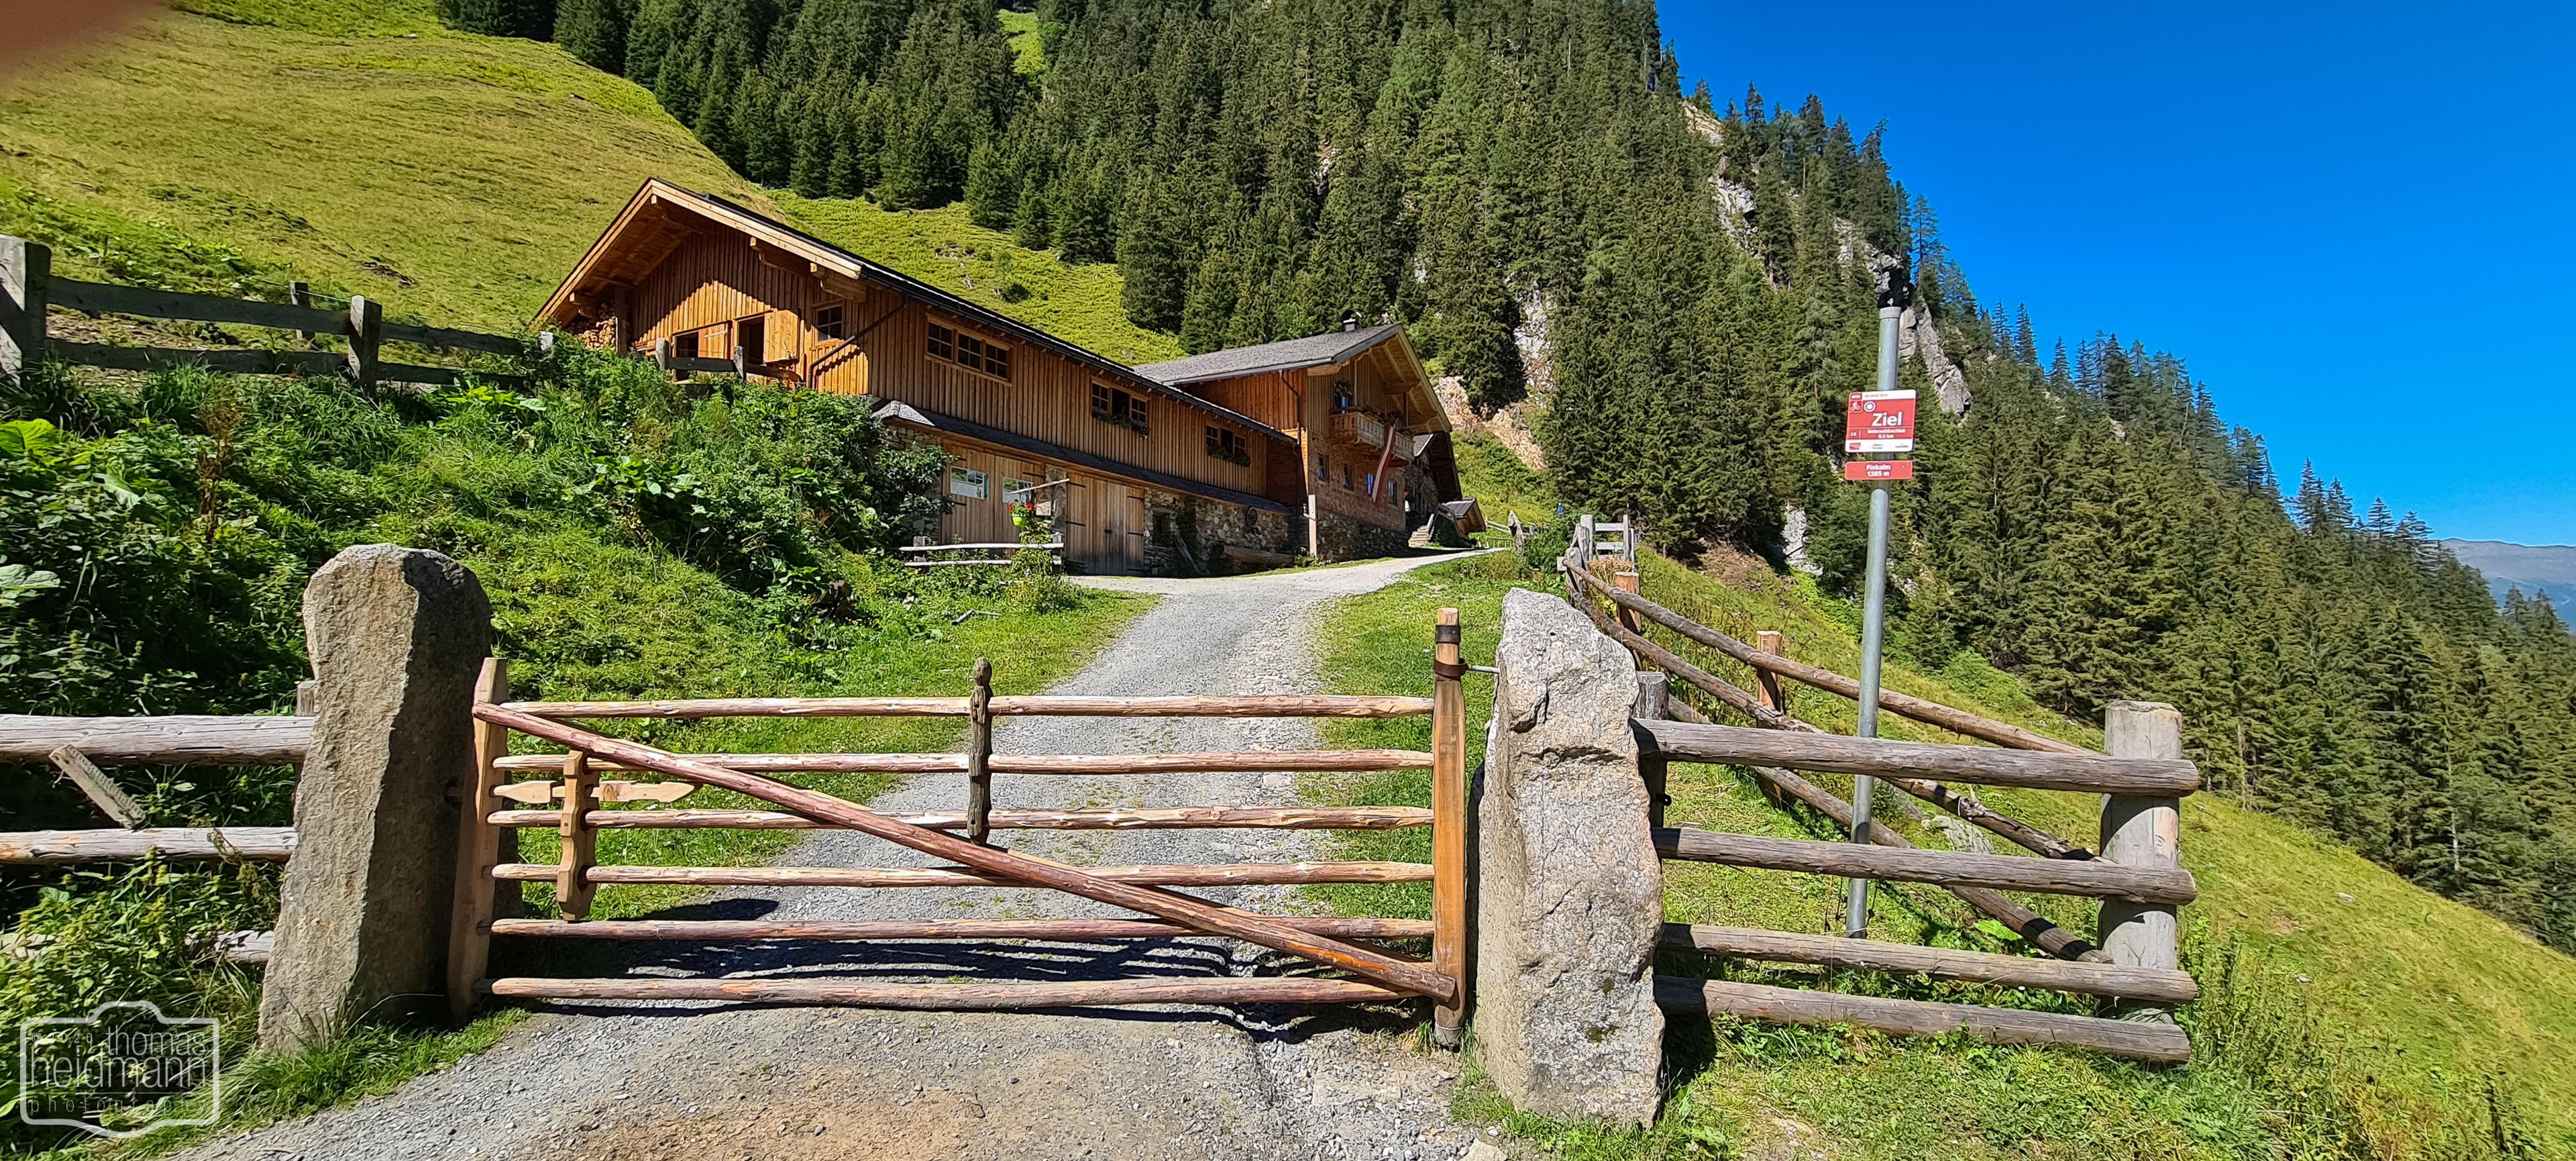 Die Finkalm im Untersulzbachtal